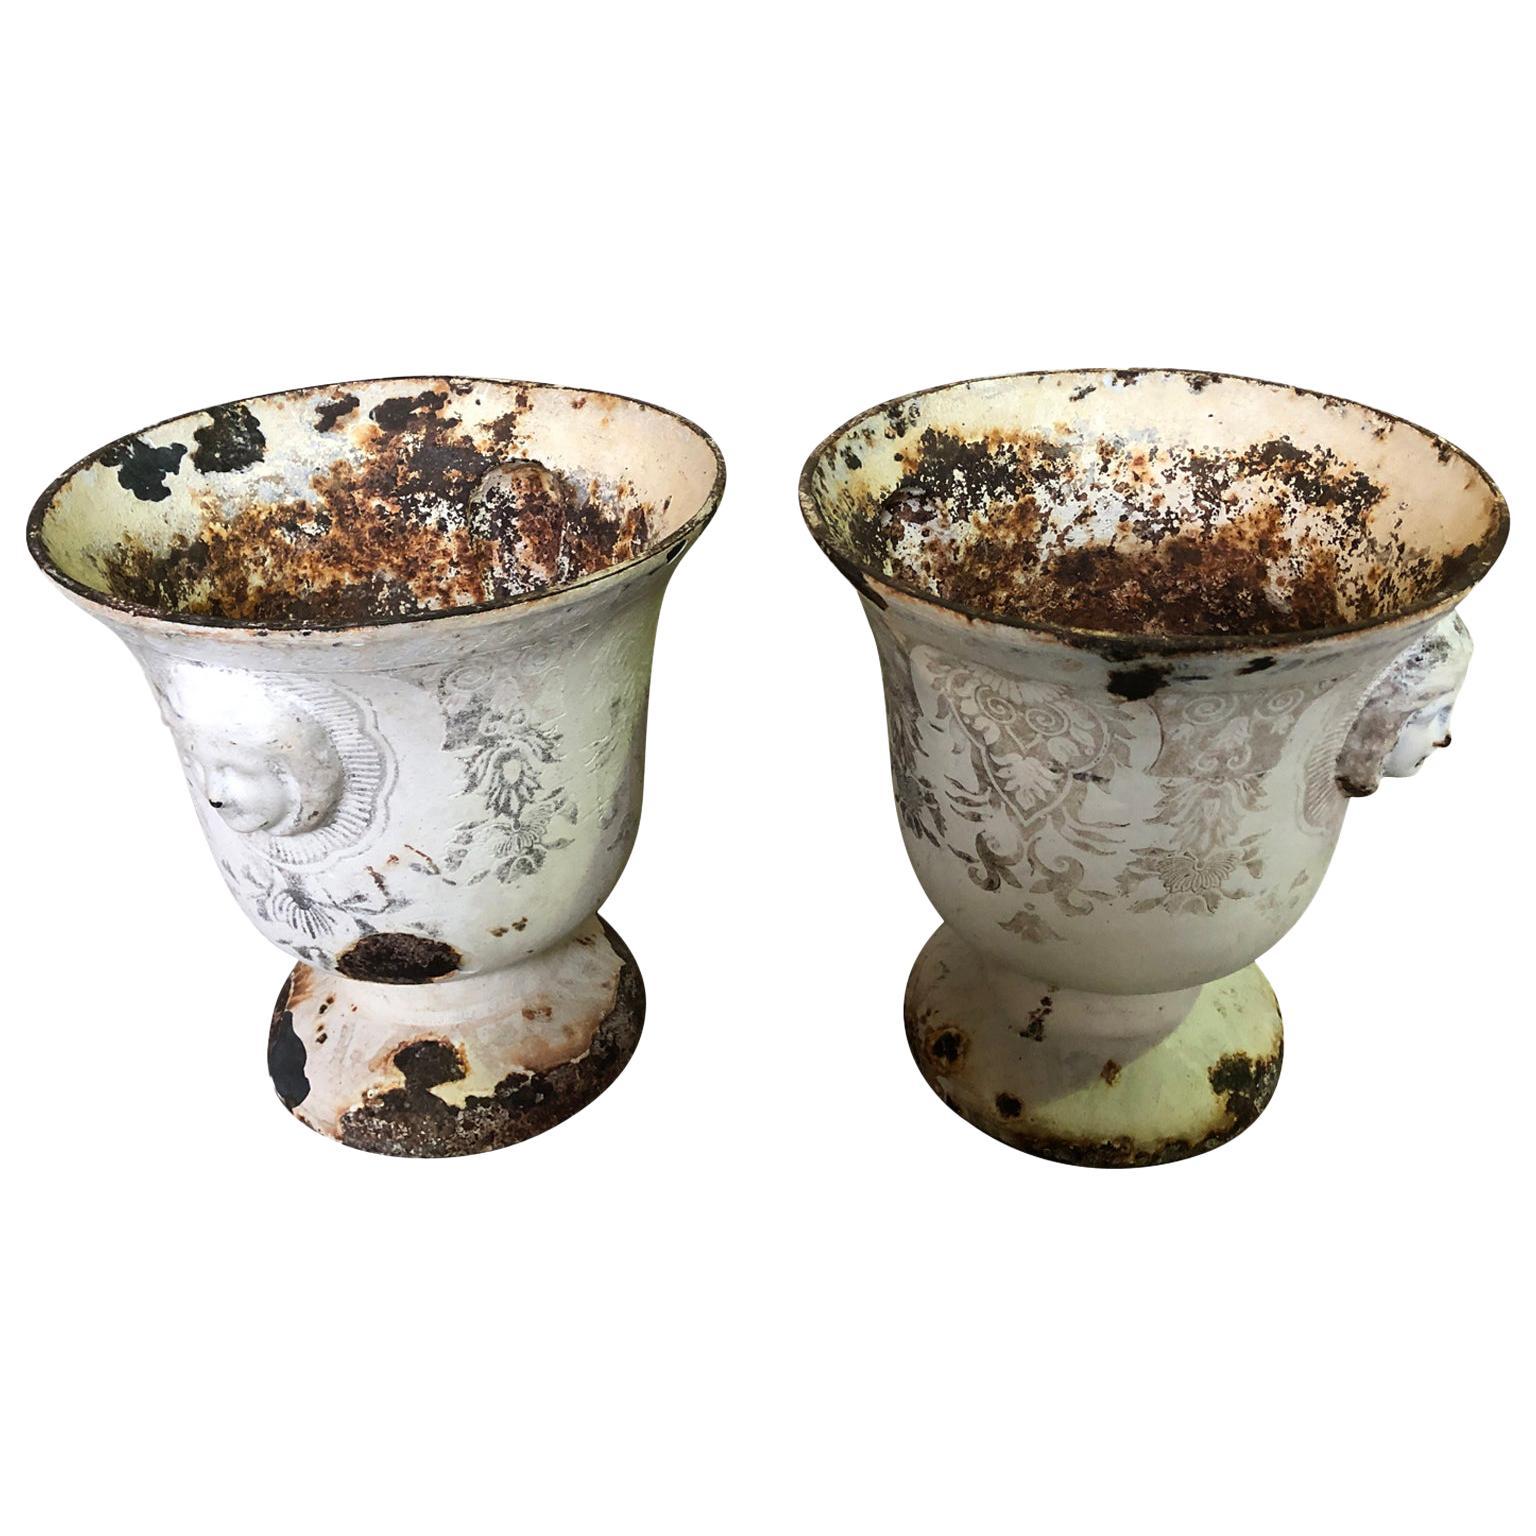 Rare Pair of Rouen Enamel Cast Iron Urns